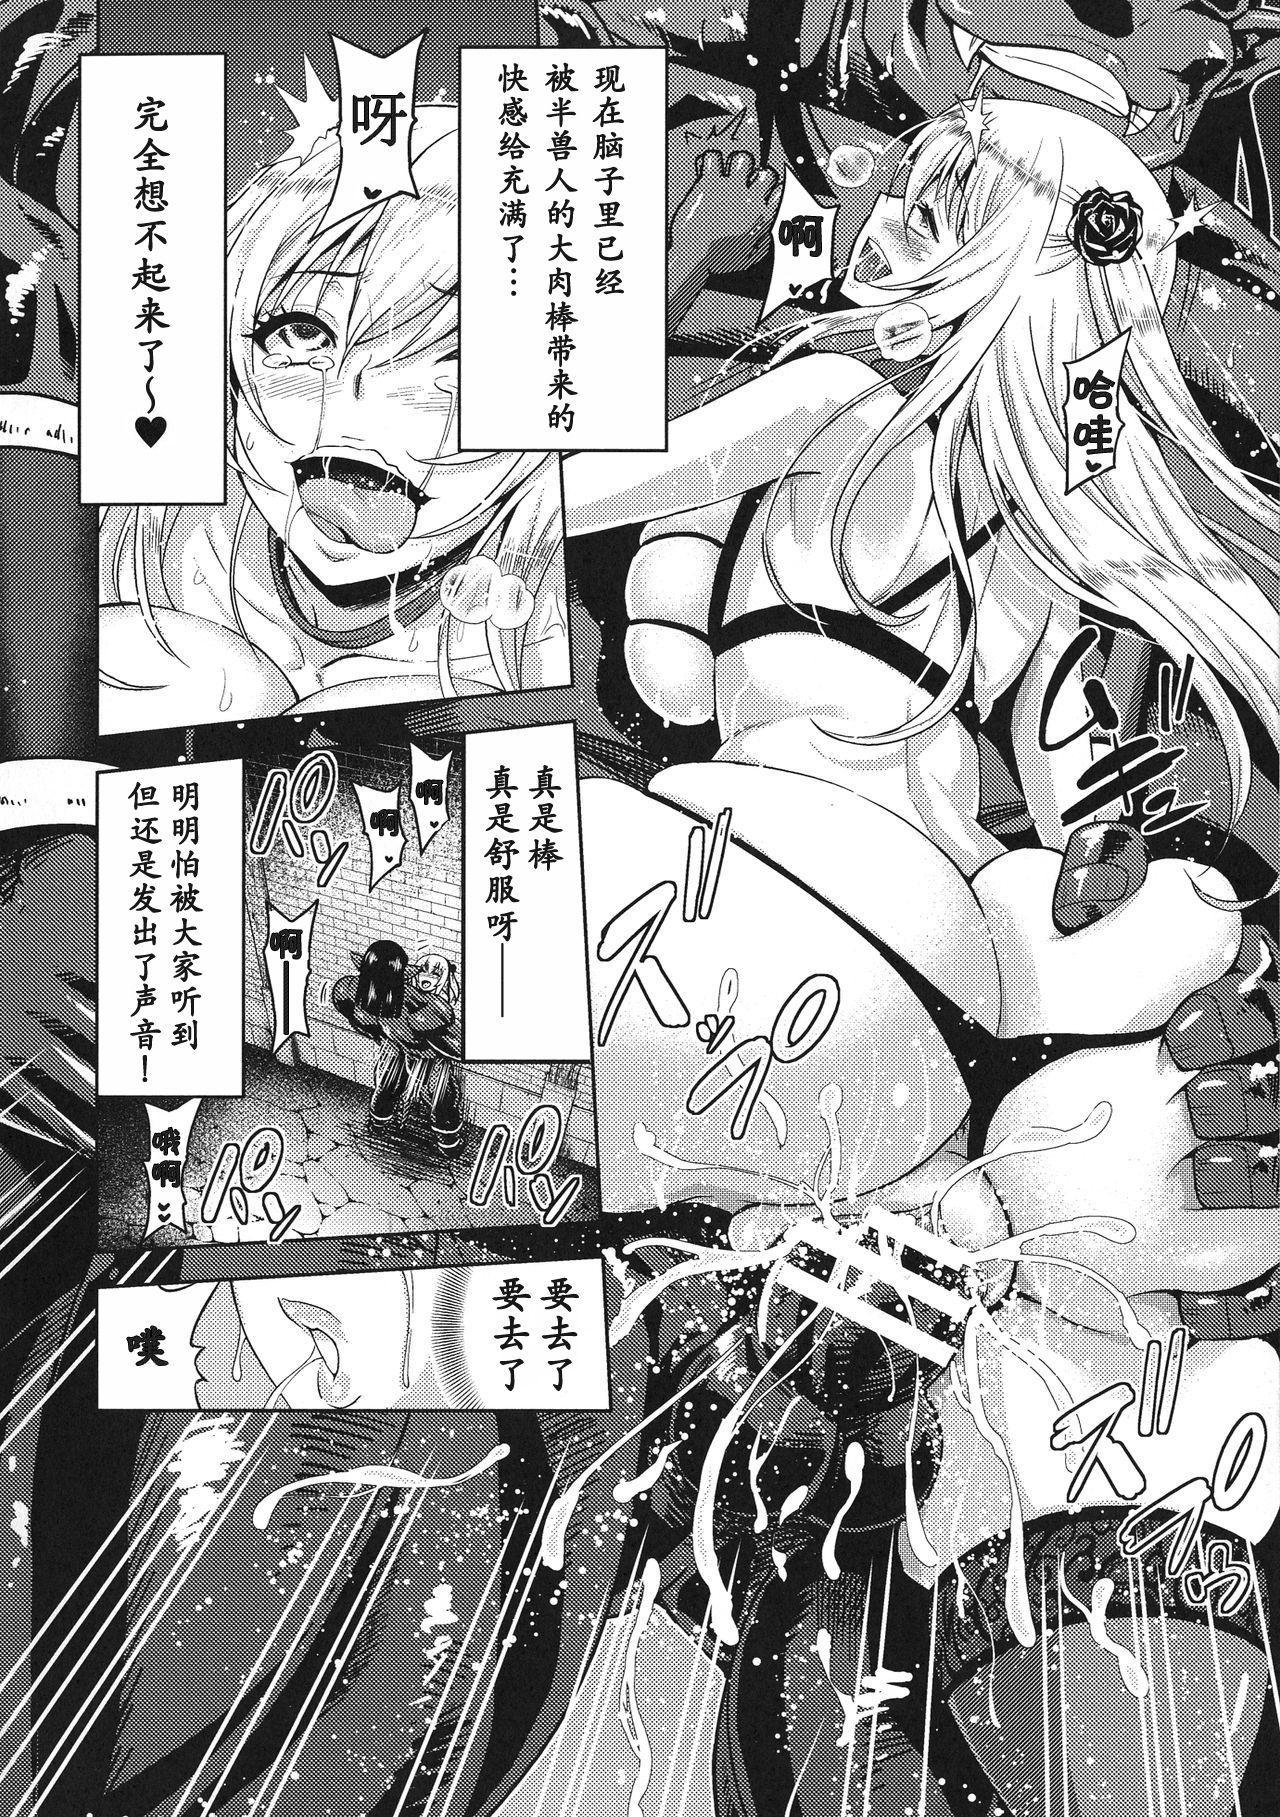 ERONA Orc no Inmon ni Okasareta Onna Kishi no Matsuro Ch. 1-5 53